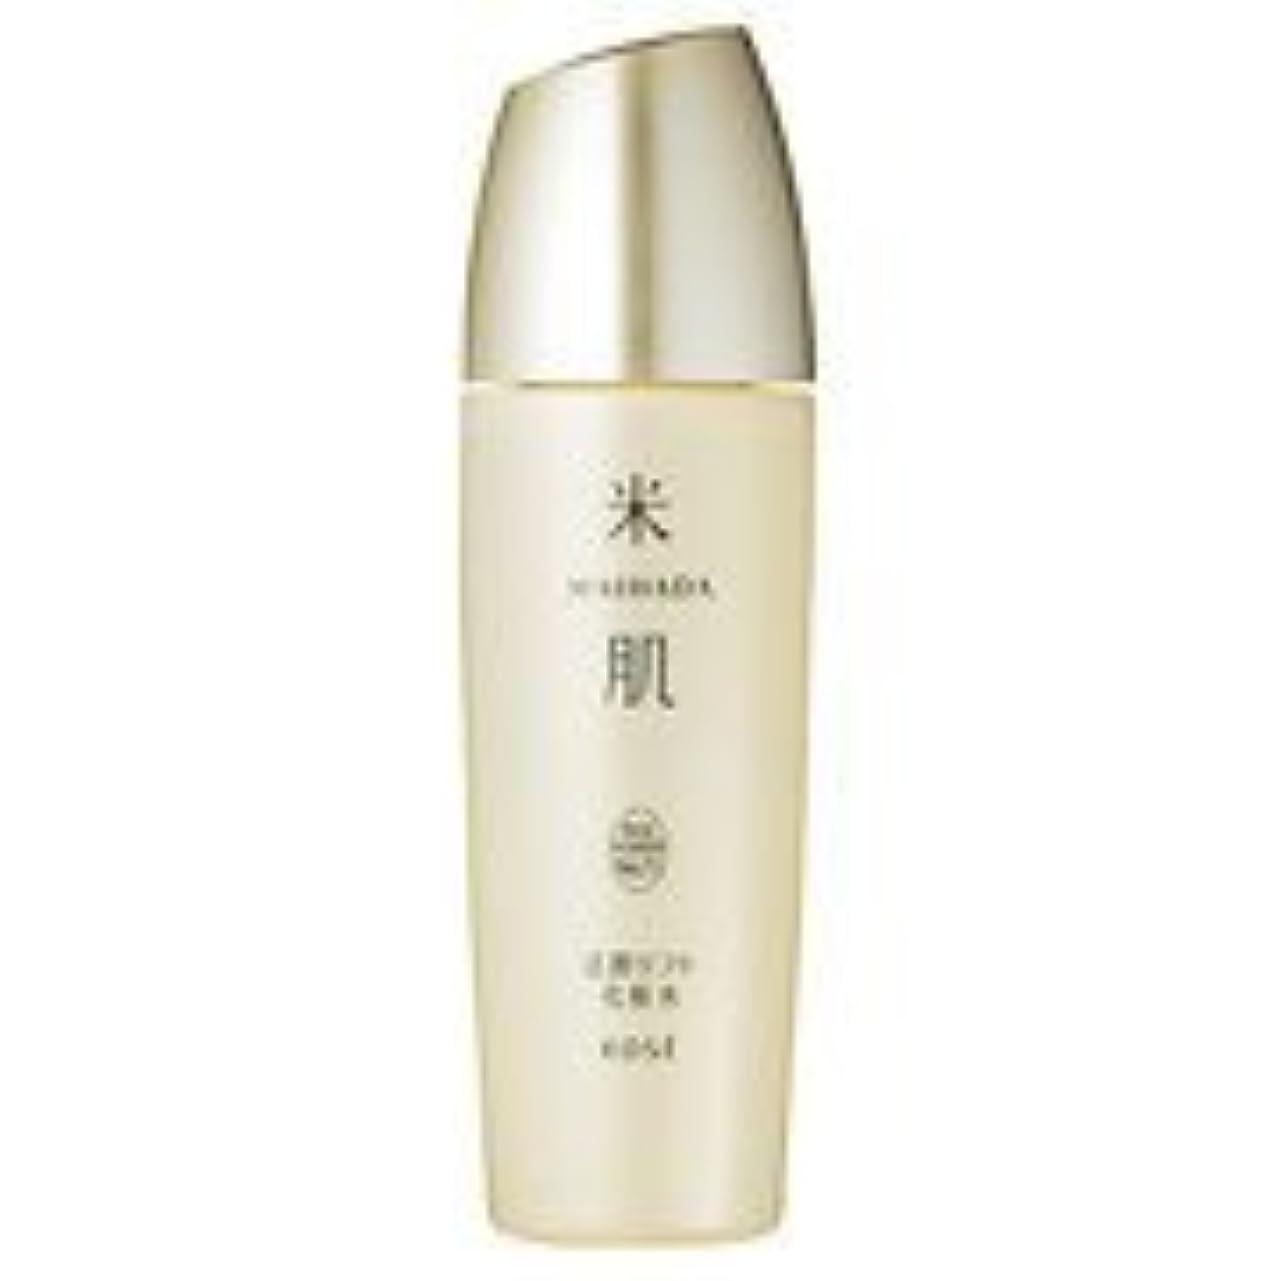 一緒暴力的なモザイク米肌(MAIHADA) 活潤リフト 化粧水 120ml